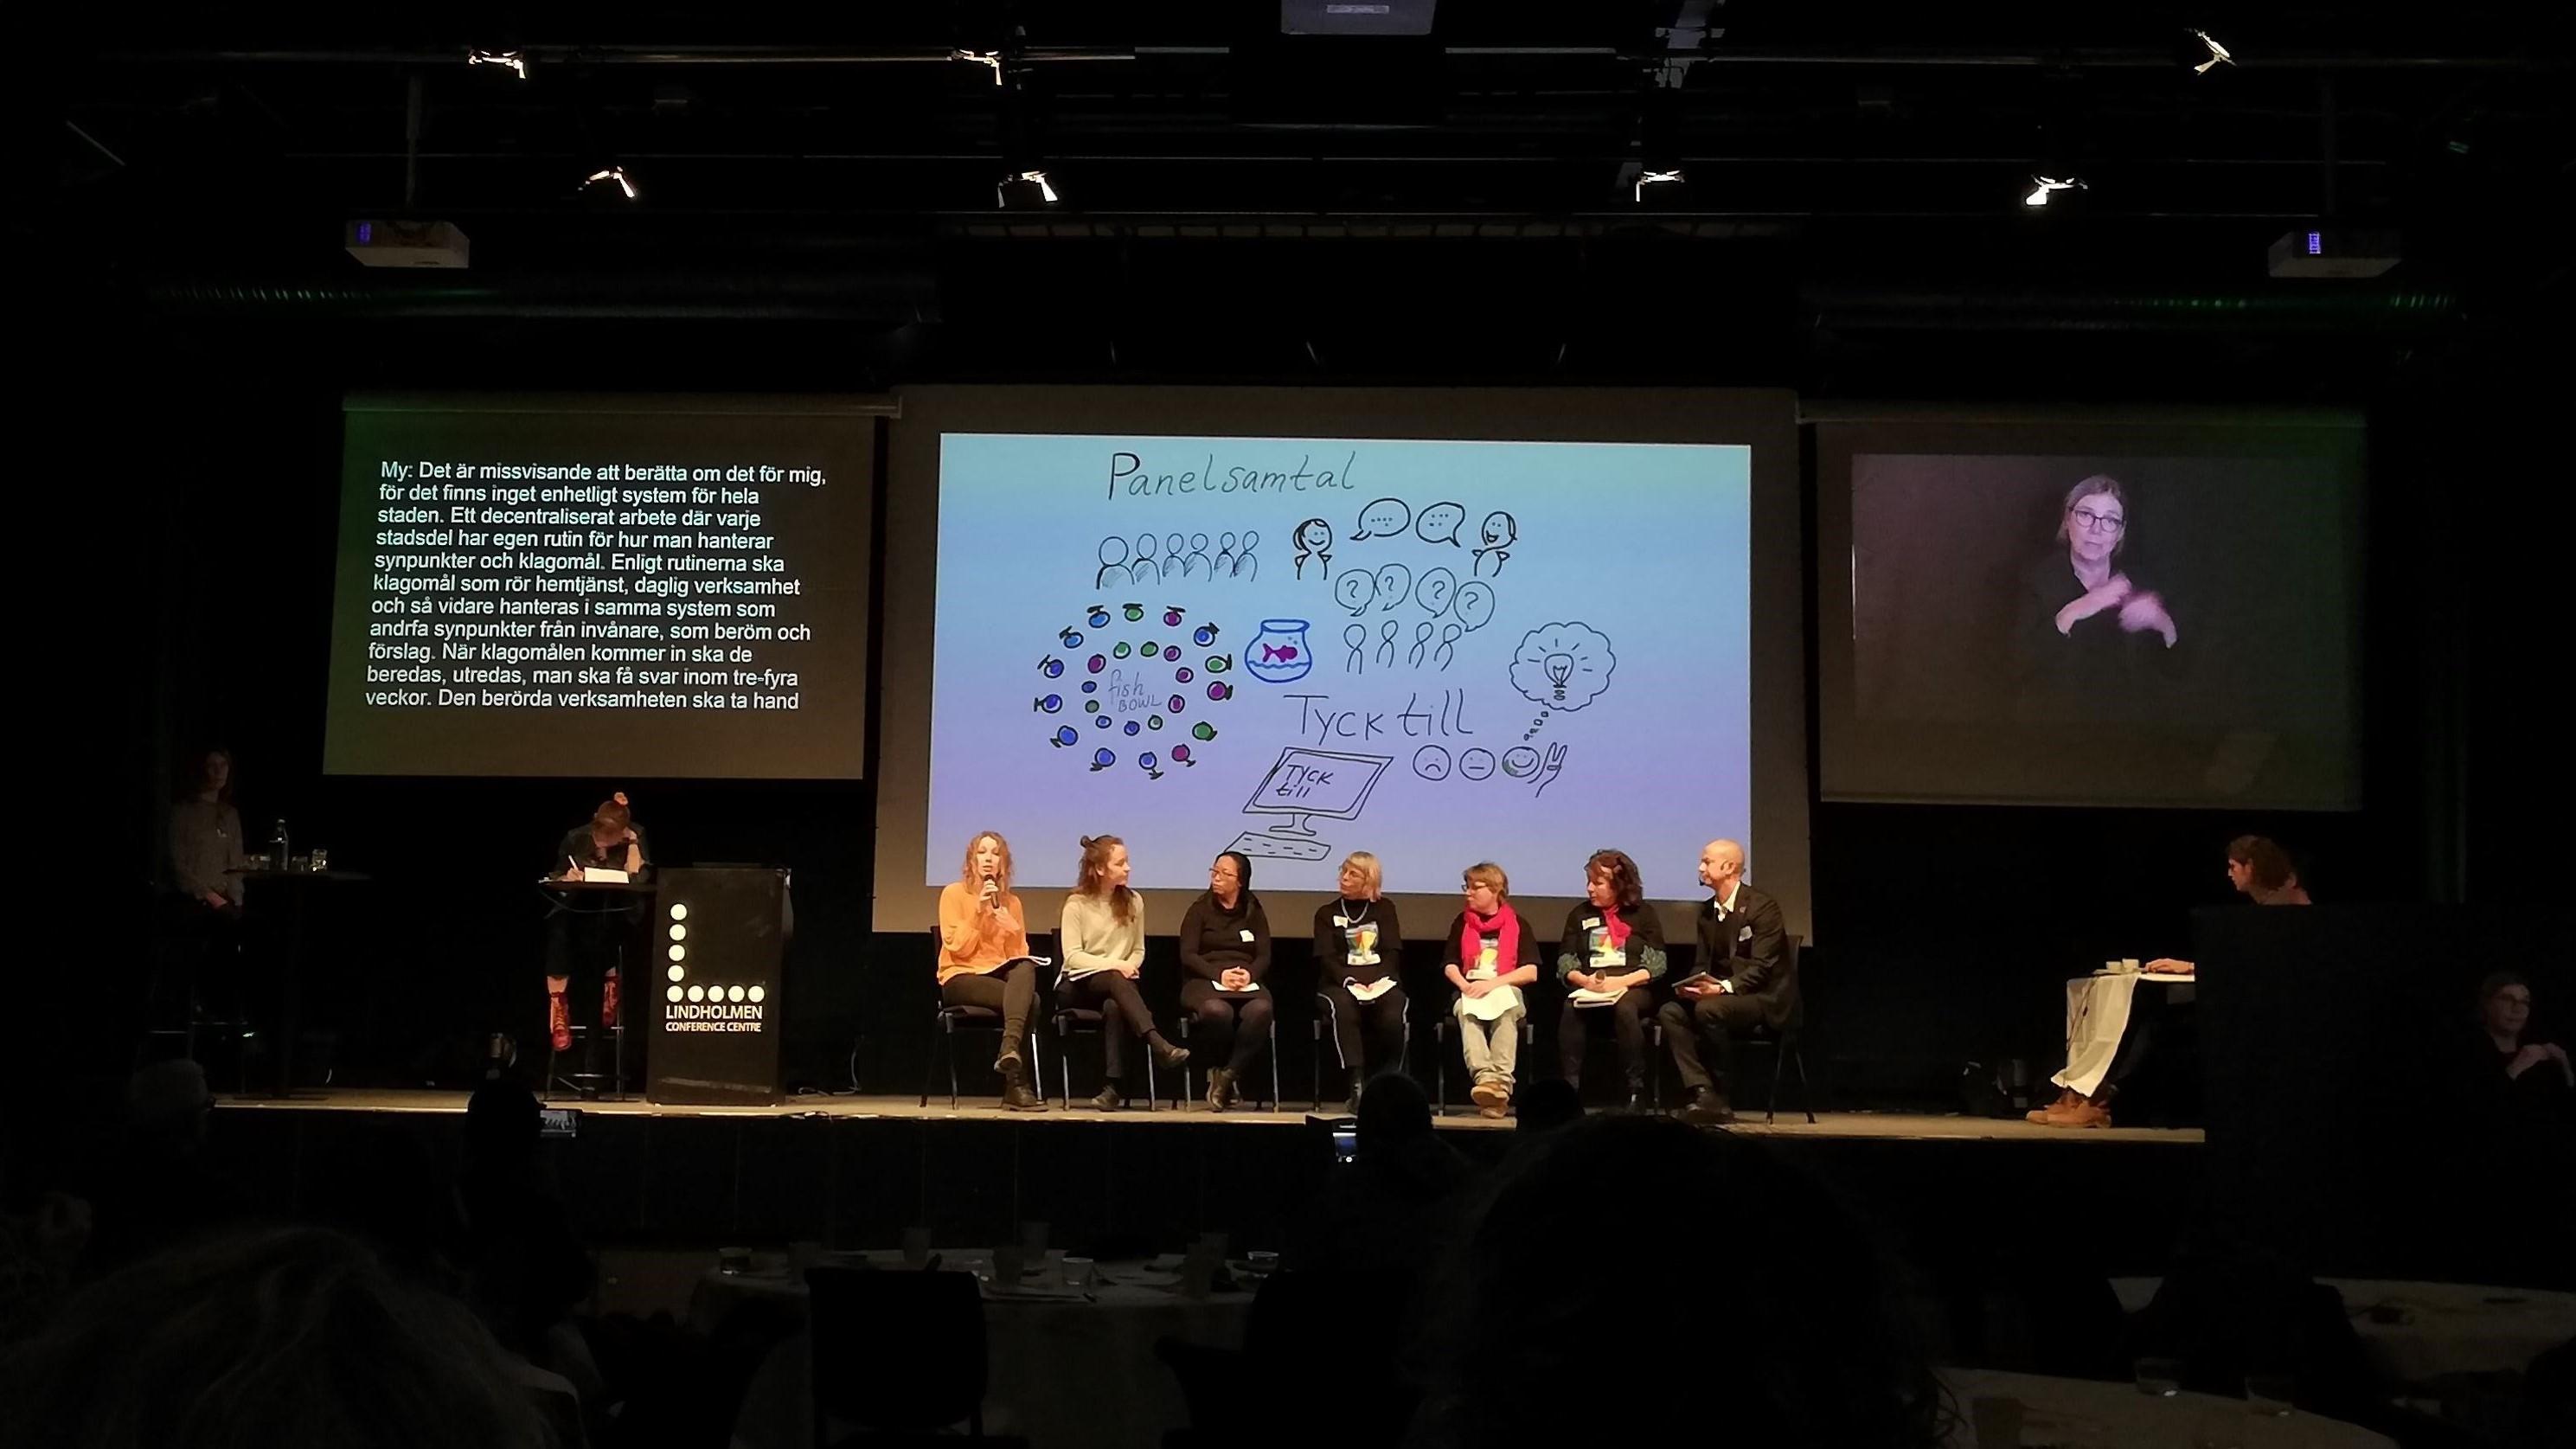 Panelsamtal där sju personer sitter i rad på scen. Hannah My Falk håller i mikrofonen och svarar på en fråga.